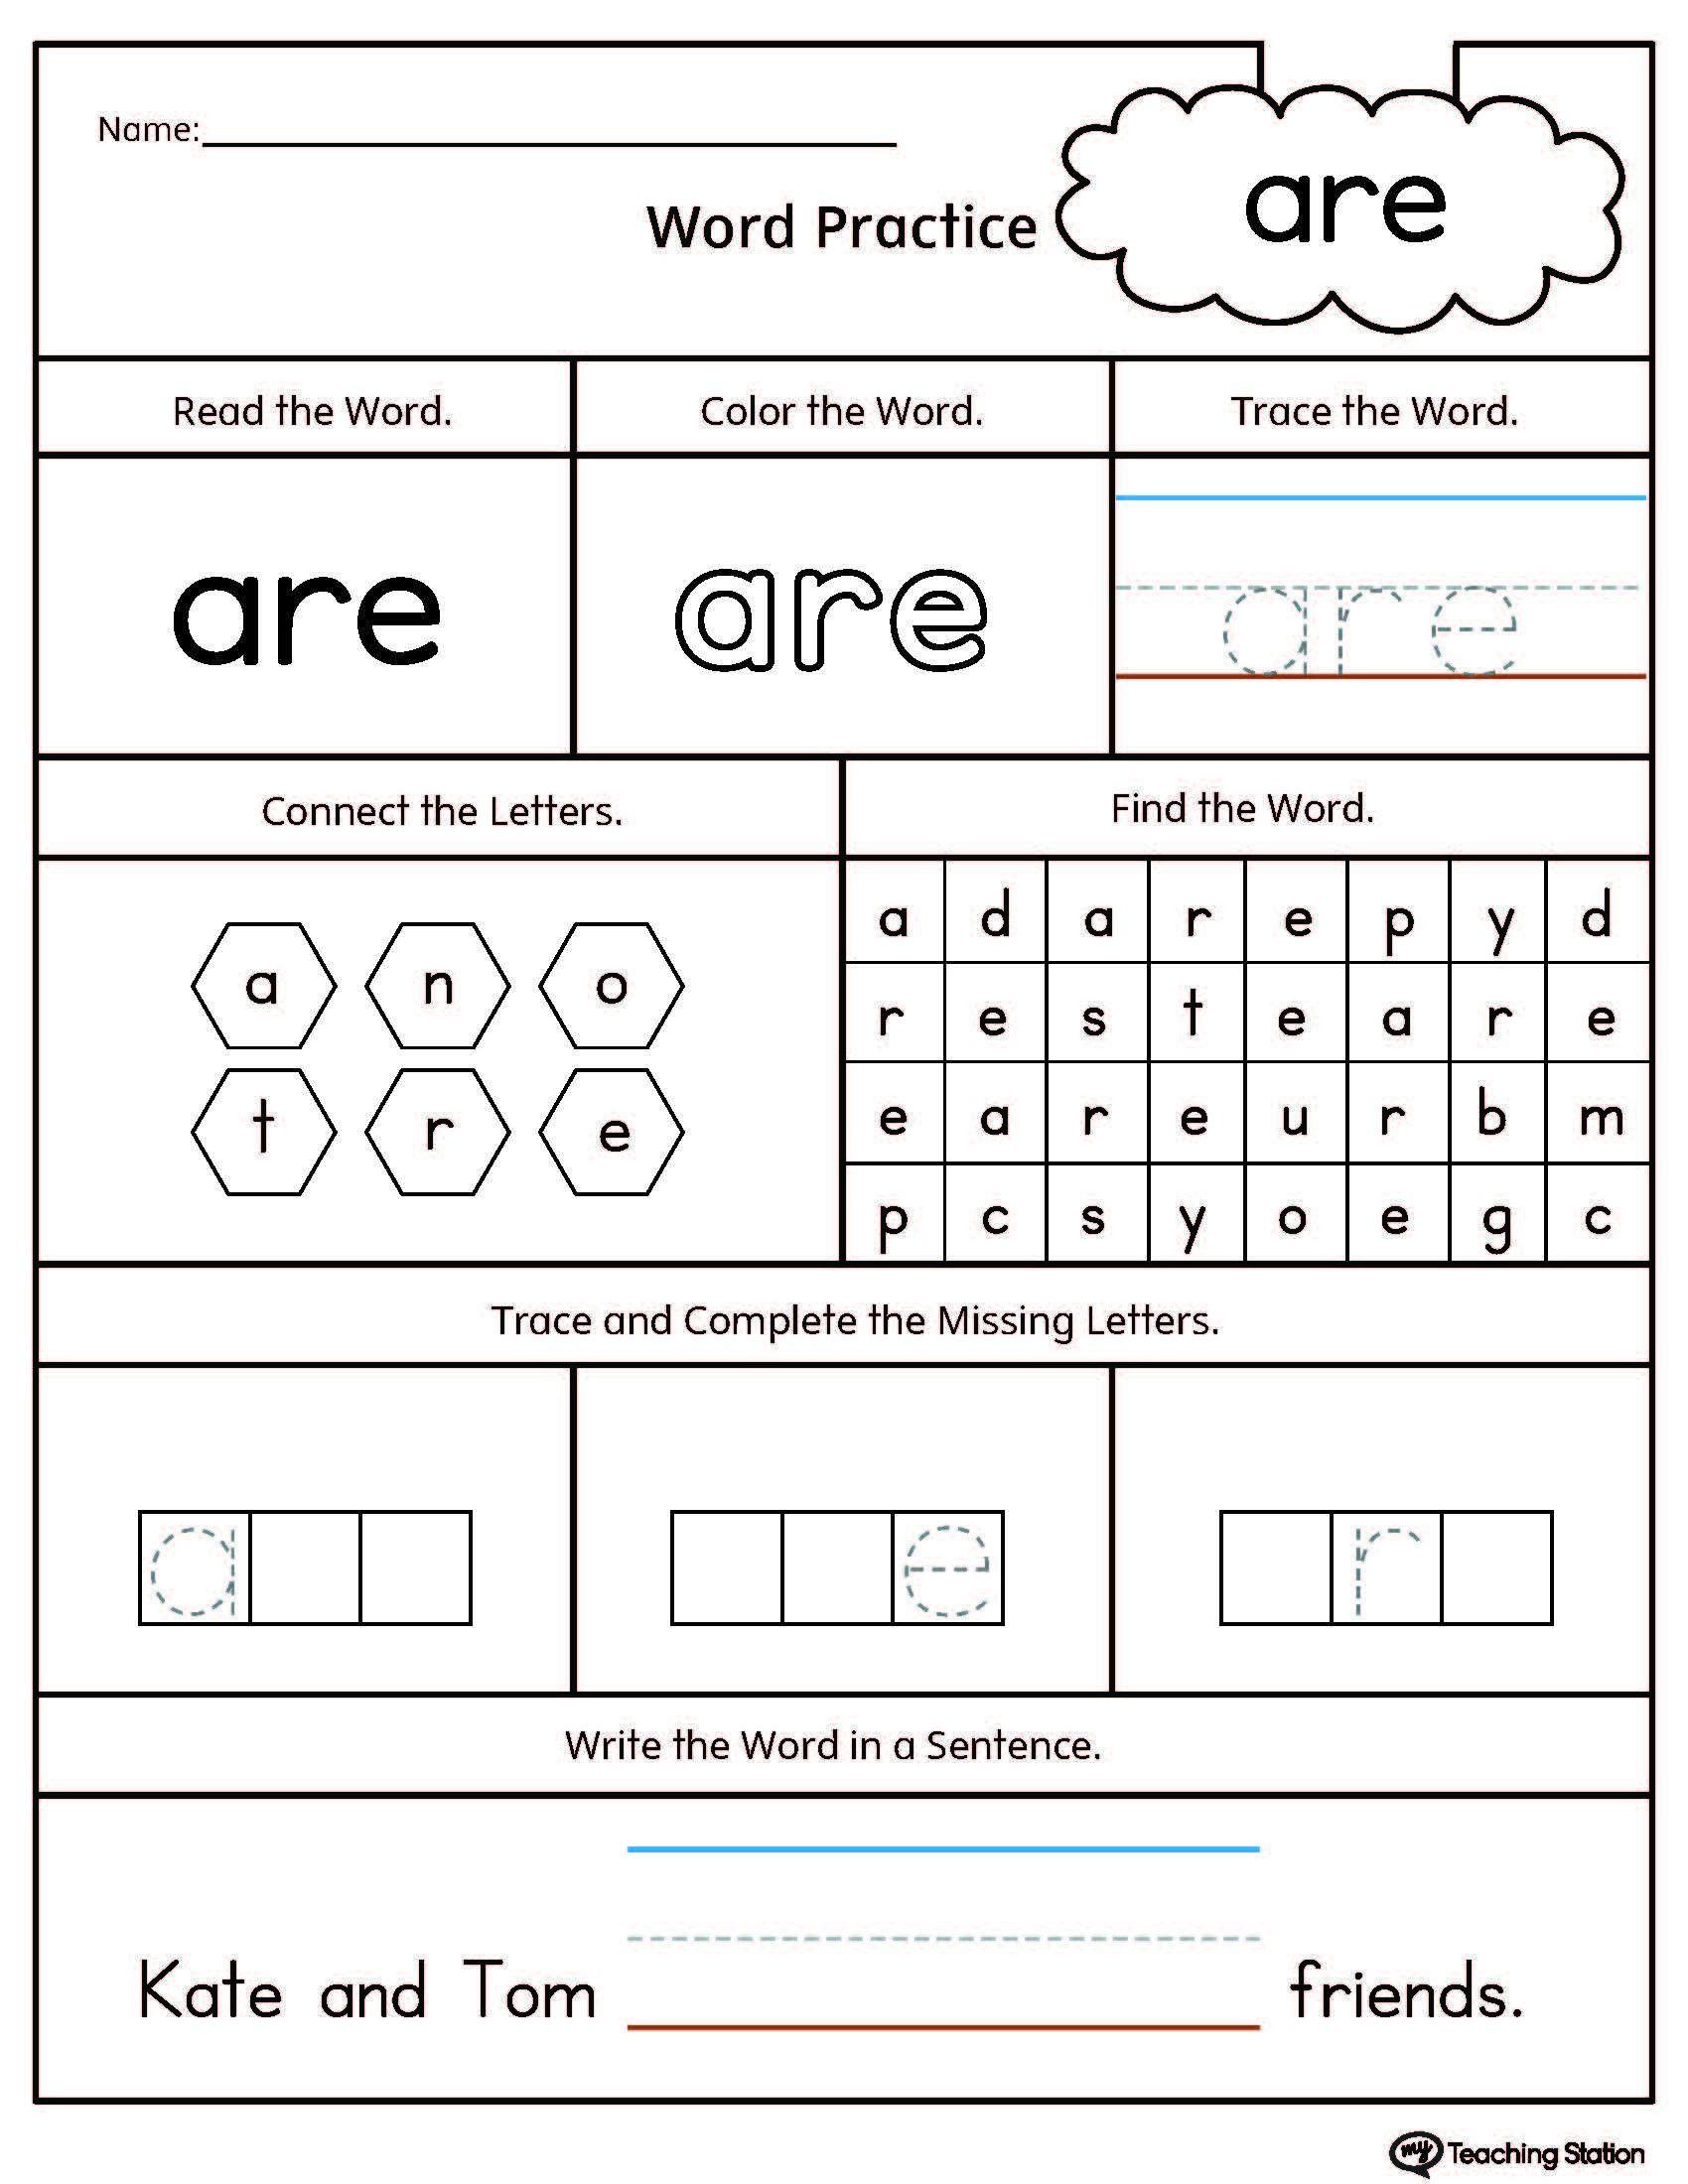 Number Word Worksheets For Kindergarten Worksheet For Kindergarten Sight Words Kindergarten Sight Word Worksheets Kindergarten Worksheets Sight Words